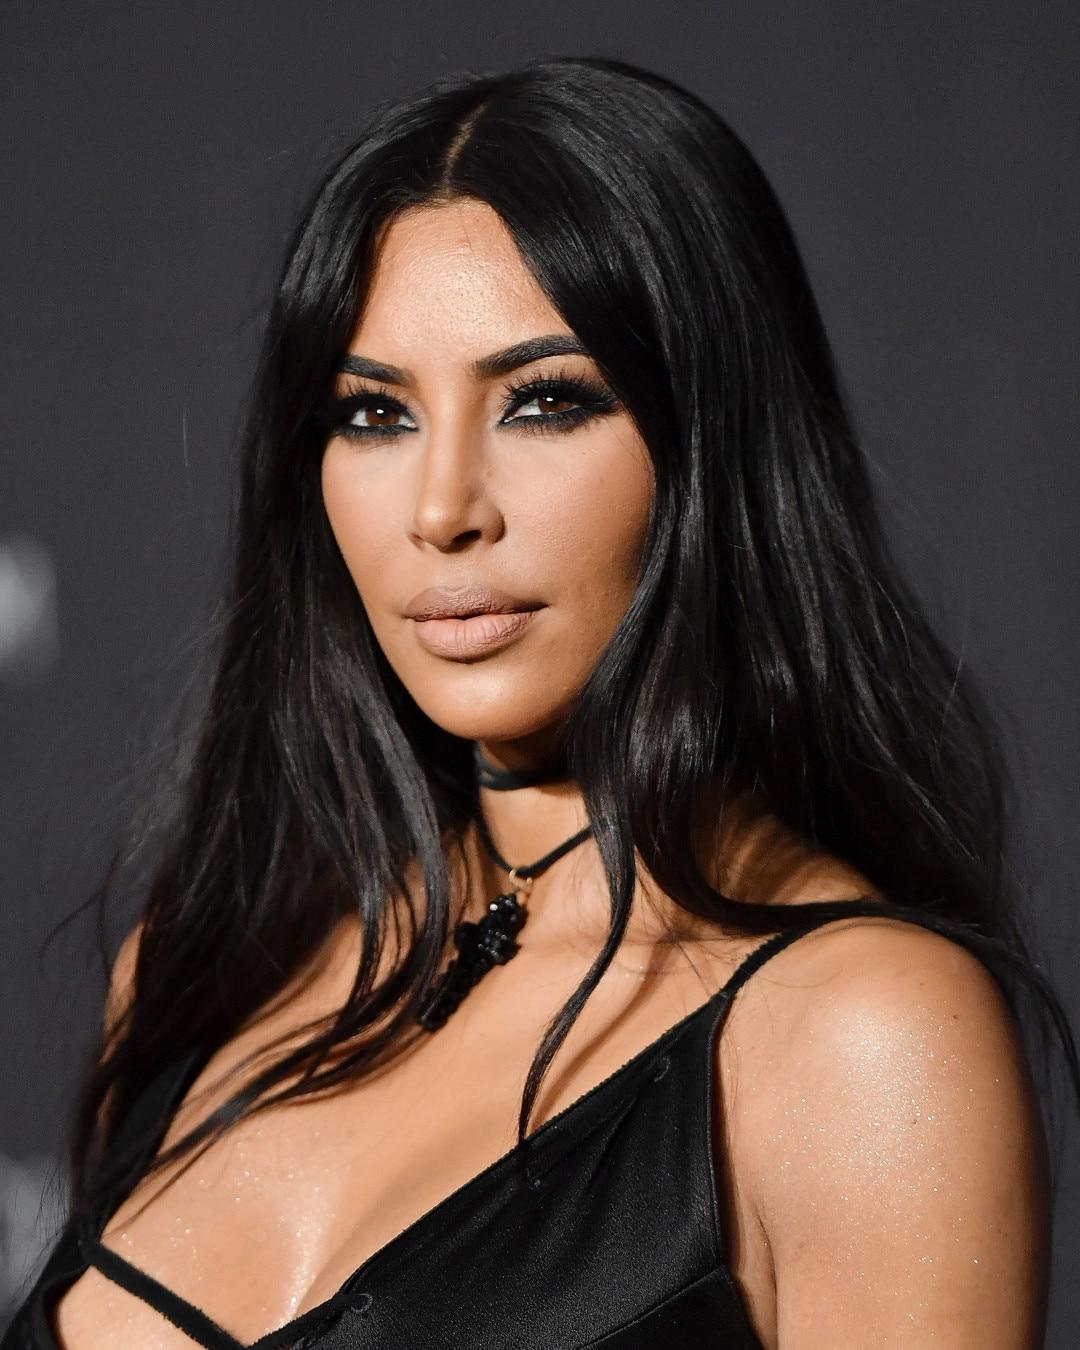 Watch Kim Kardashian video